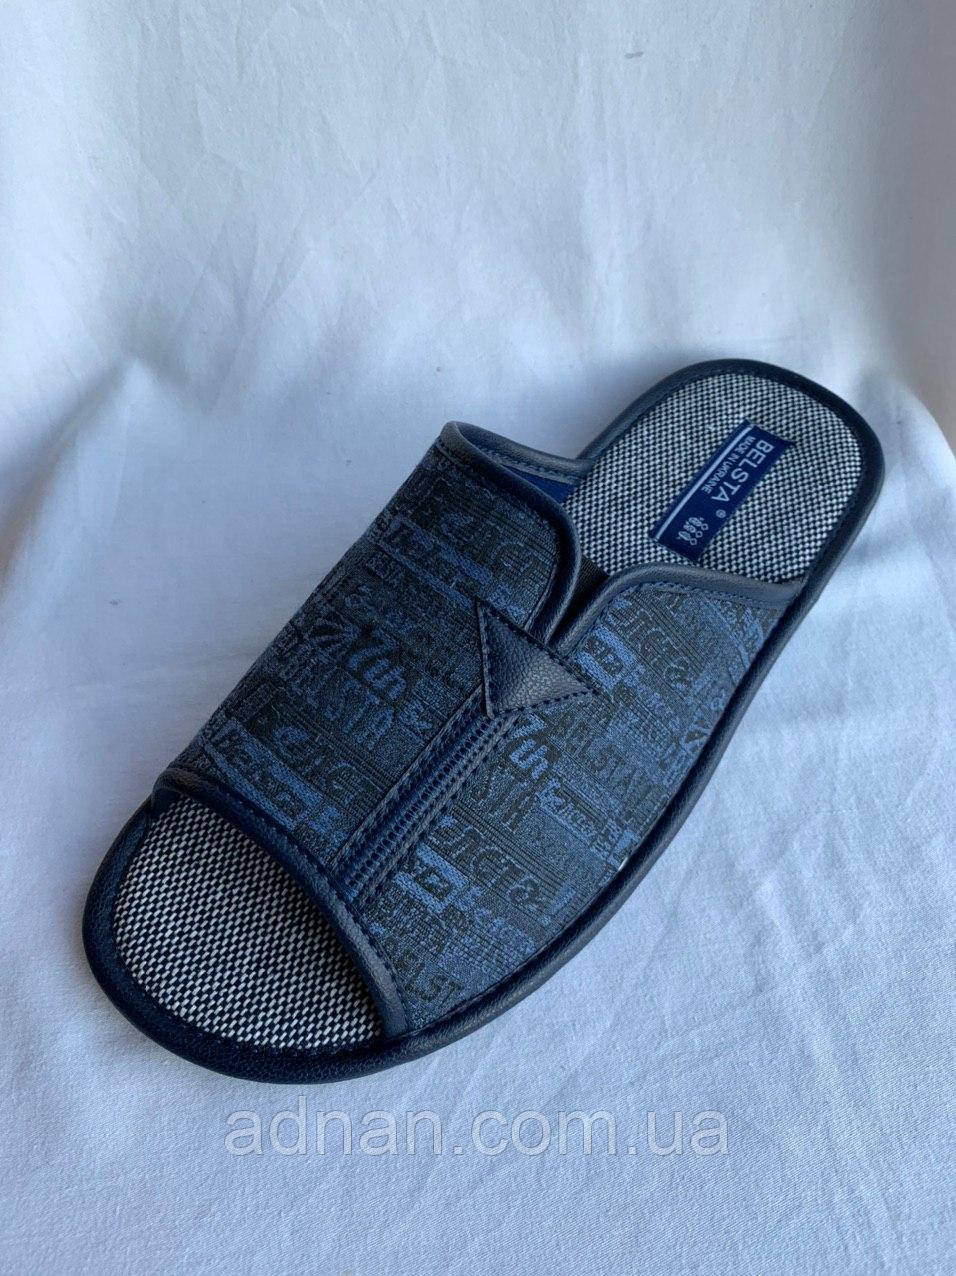 Тапочки мужские, БЕЛСТА, открытые, 6 пар в упаковке, Украина/ купить тапочки оптом